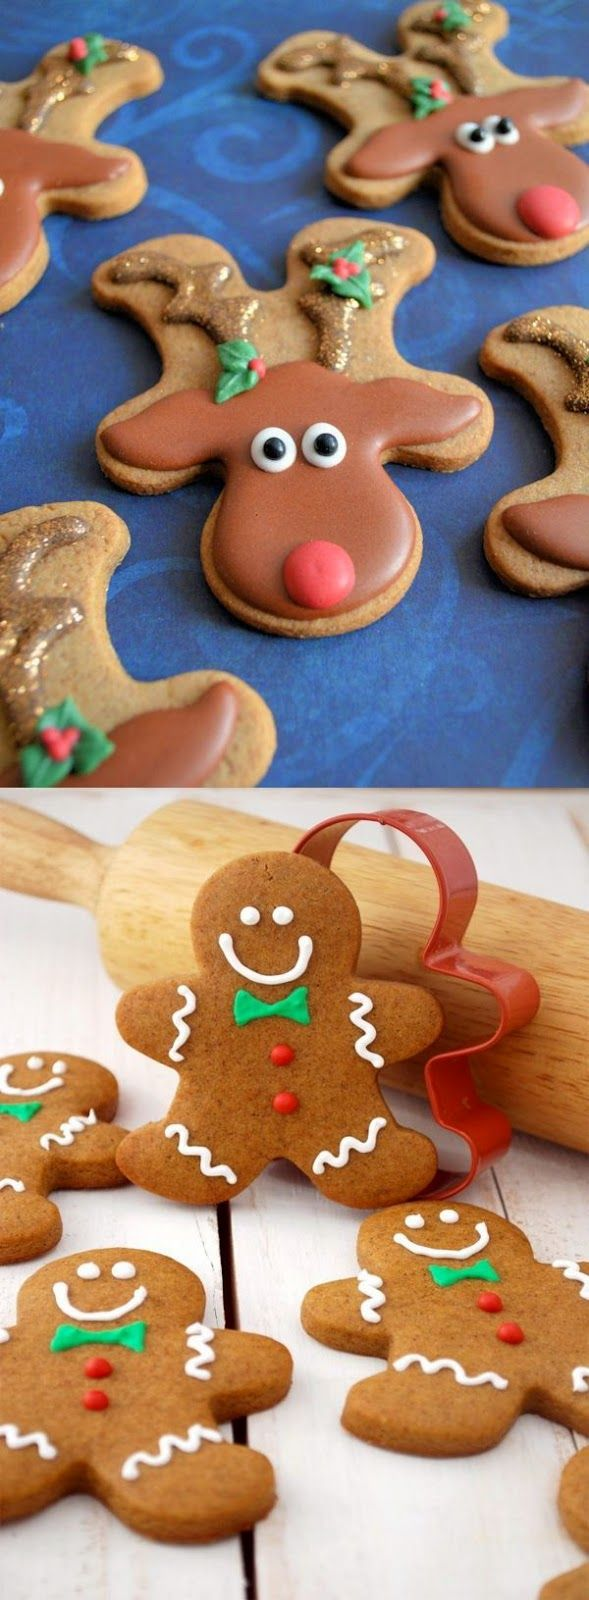 Les Garnements Gourmands c'est aussi l'esprit de Noël